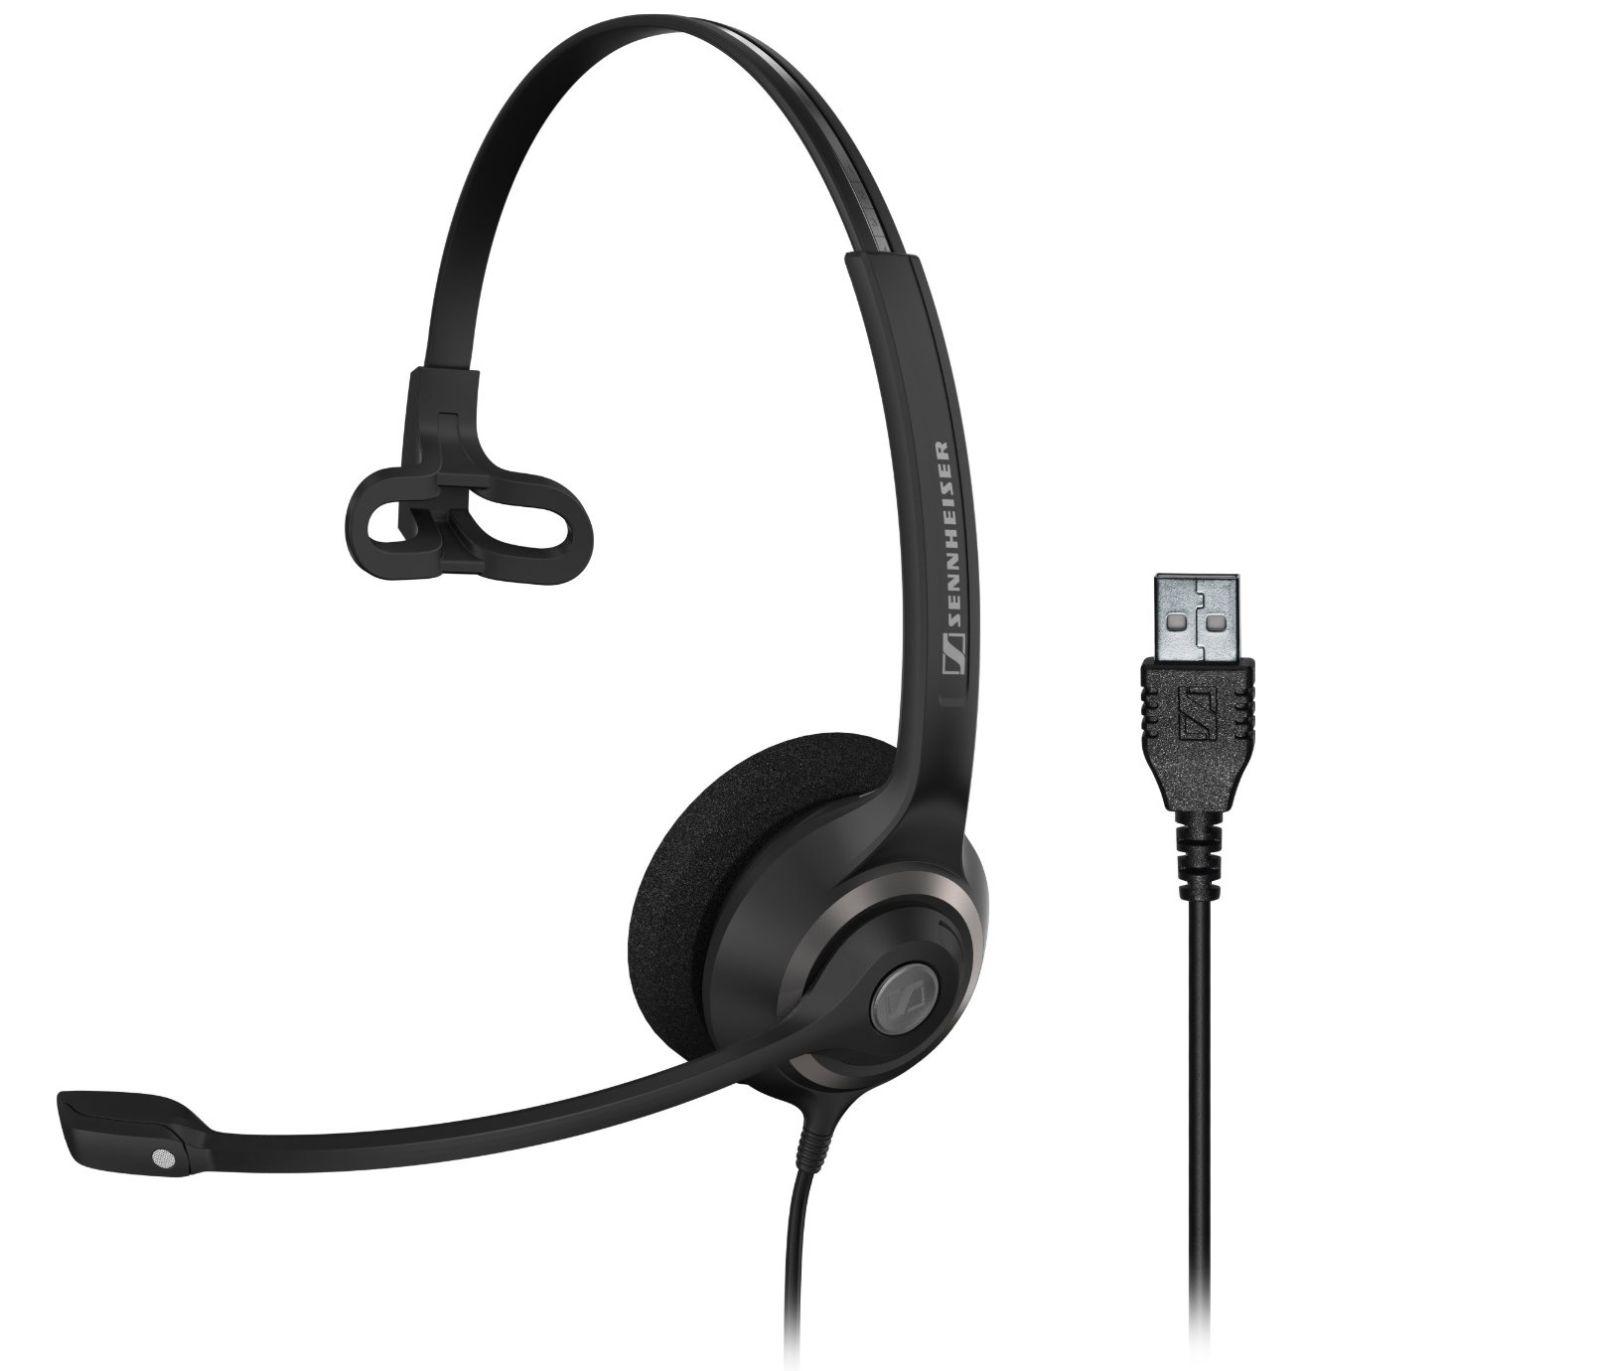 Image of Sennheiser SC 230 USB Corded Headset for PC